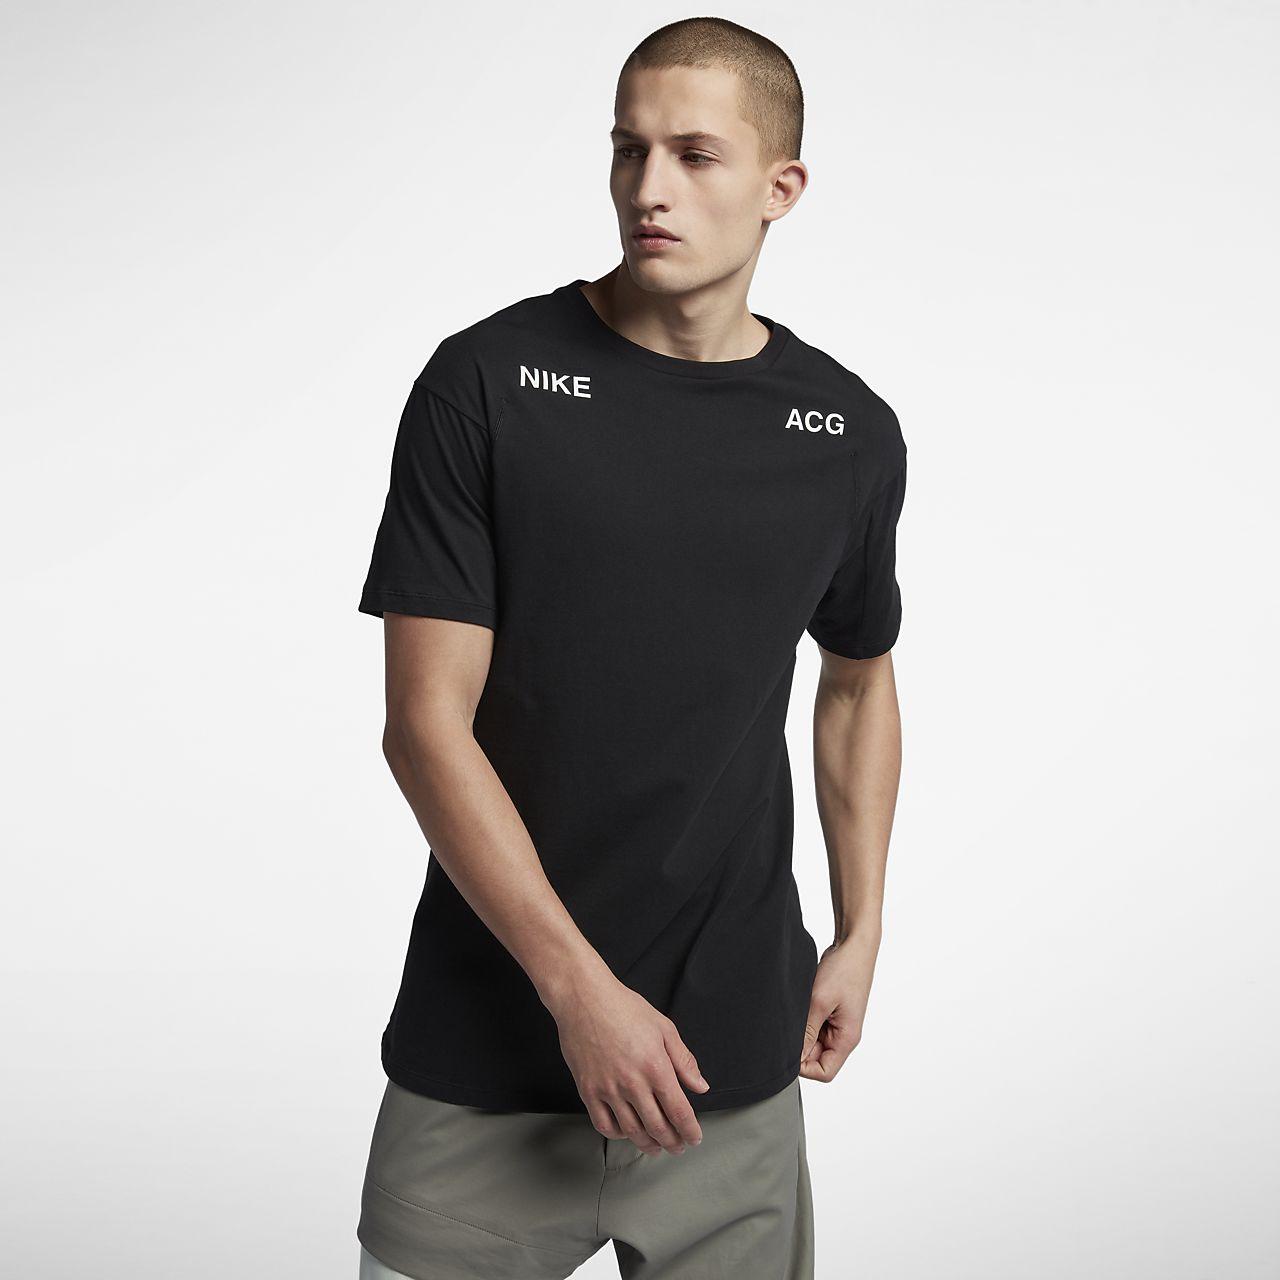 ca944399 NikeLab ACG Men's T-Shirt. Nike.com SG